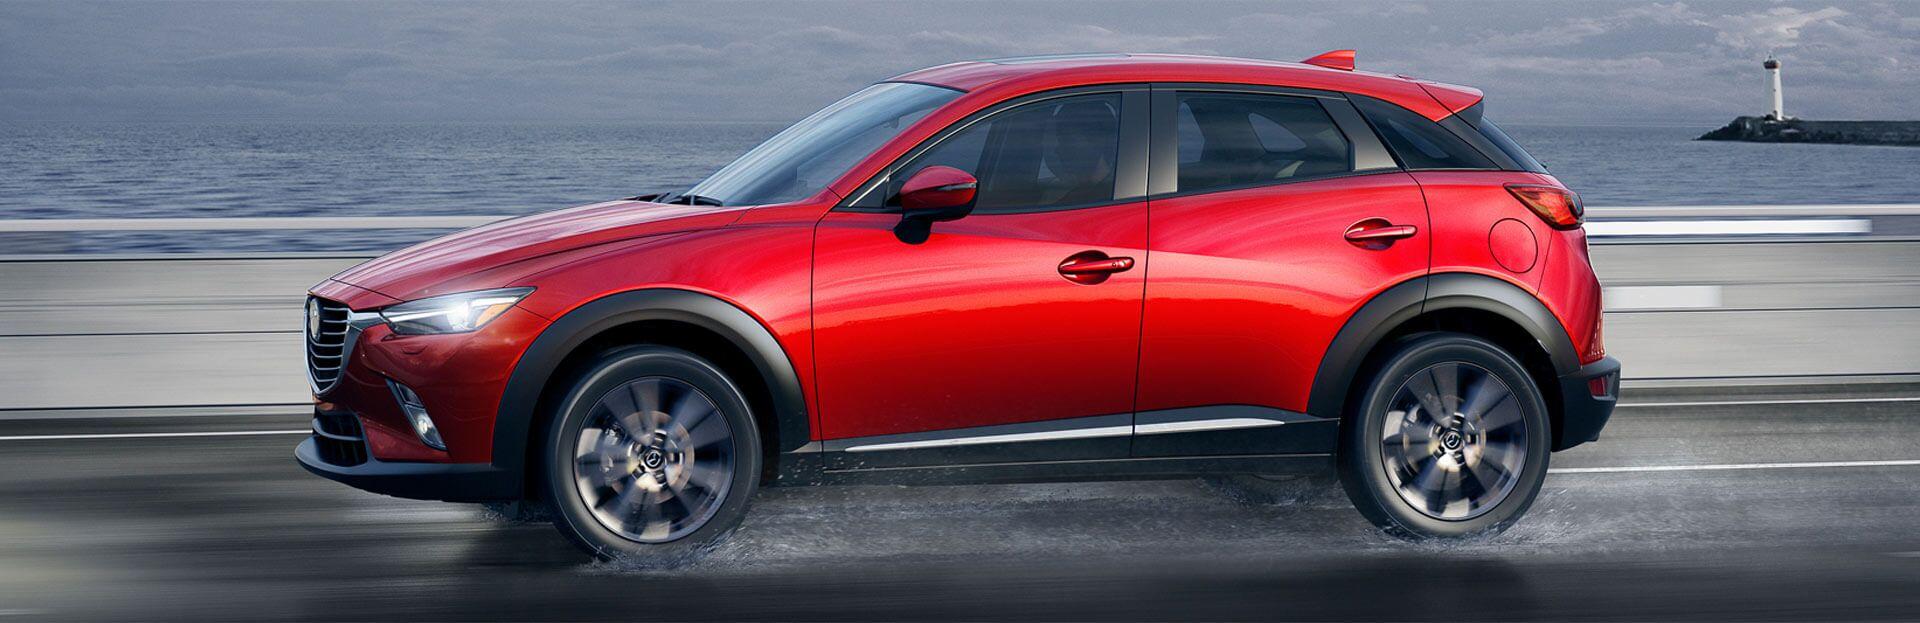 Mazda Dealership Prescott AZ | Used Cars Galpin Mazda